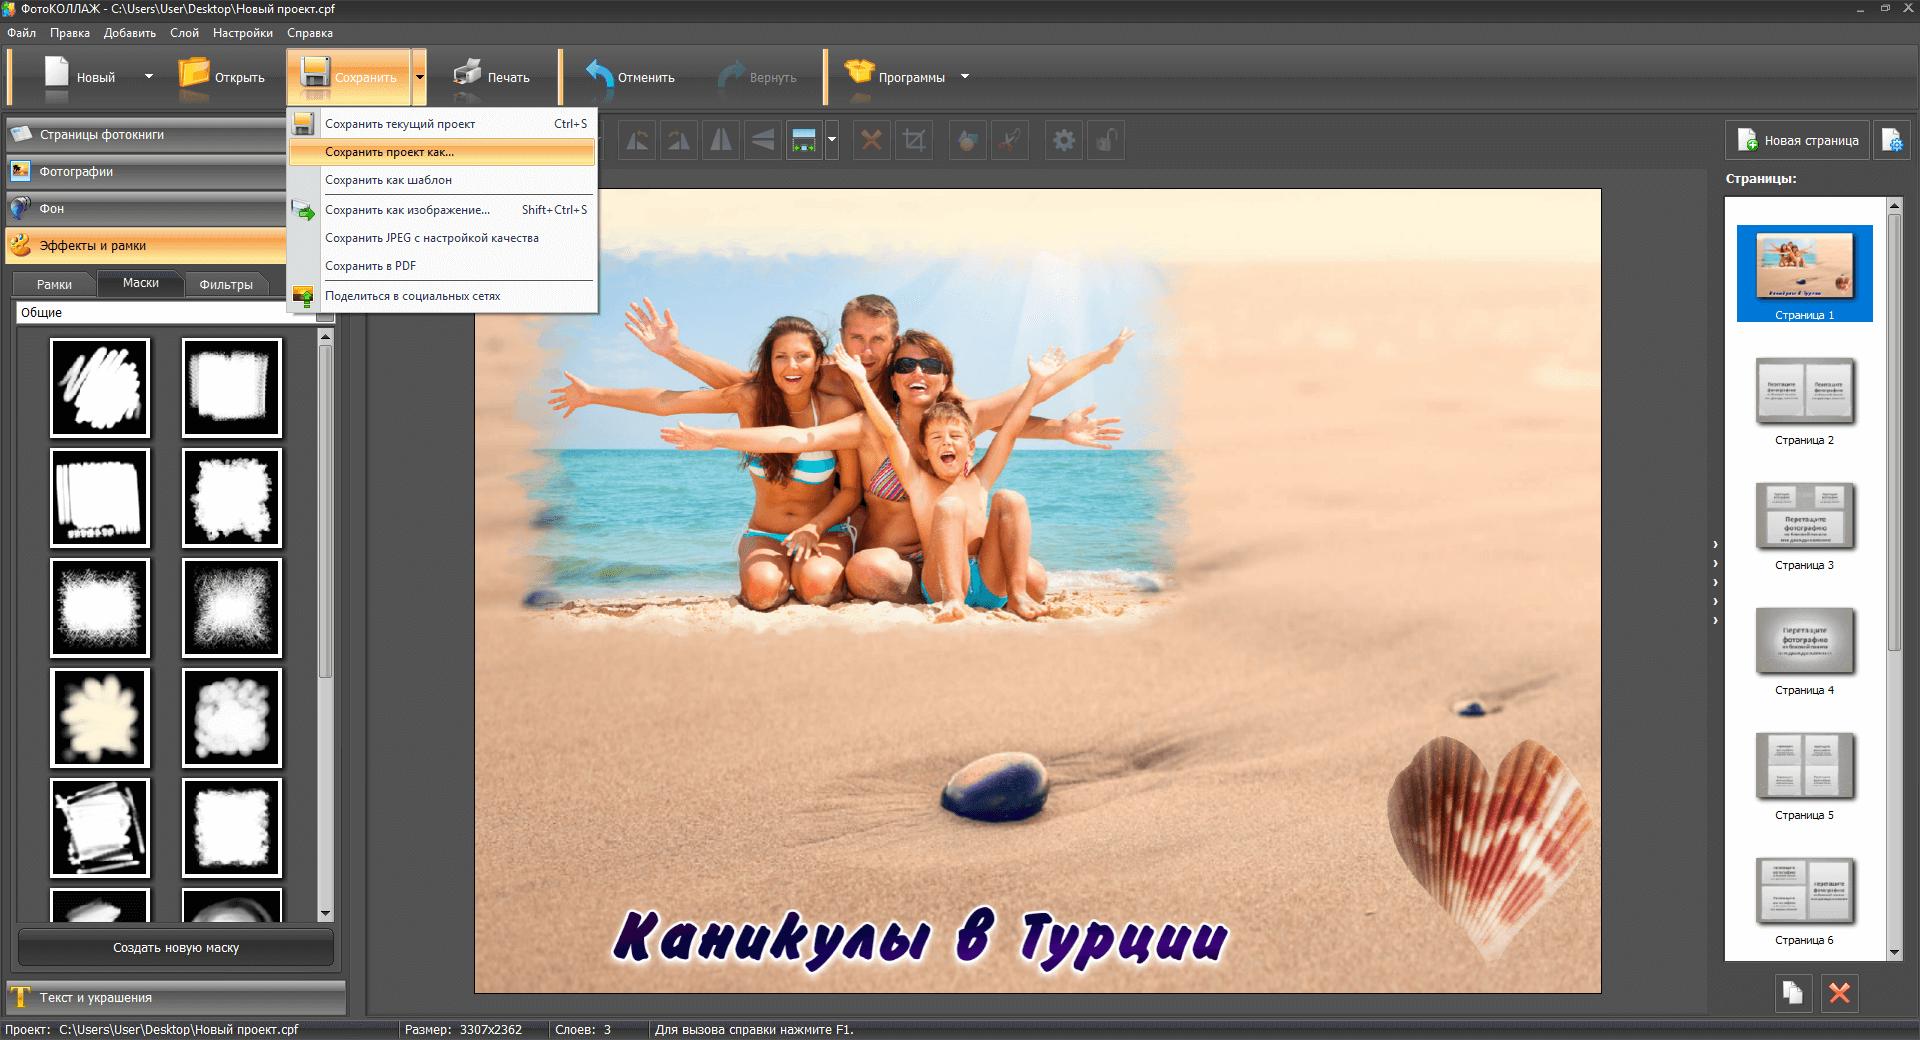 Сохранение работы в программе ФотоКОЛЛАЖ